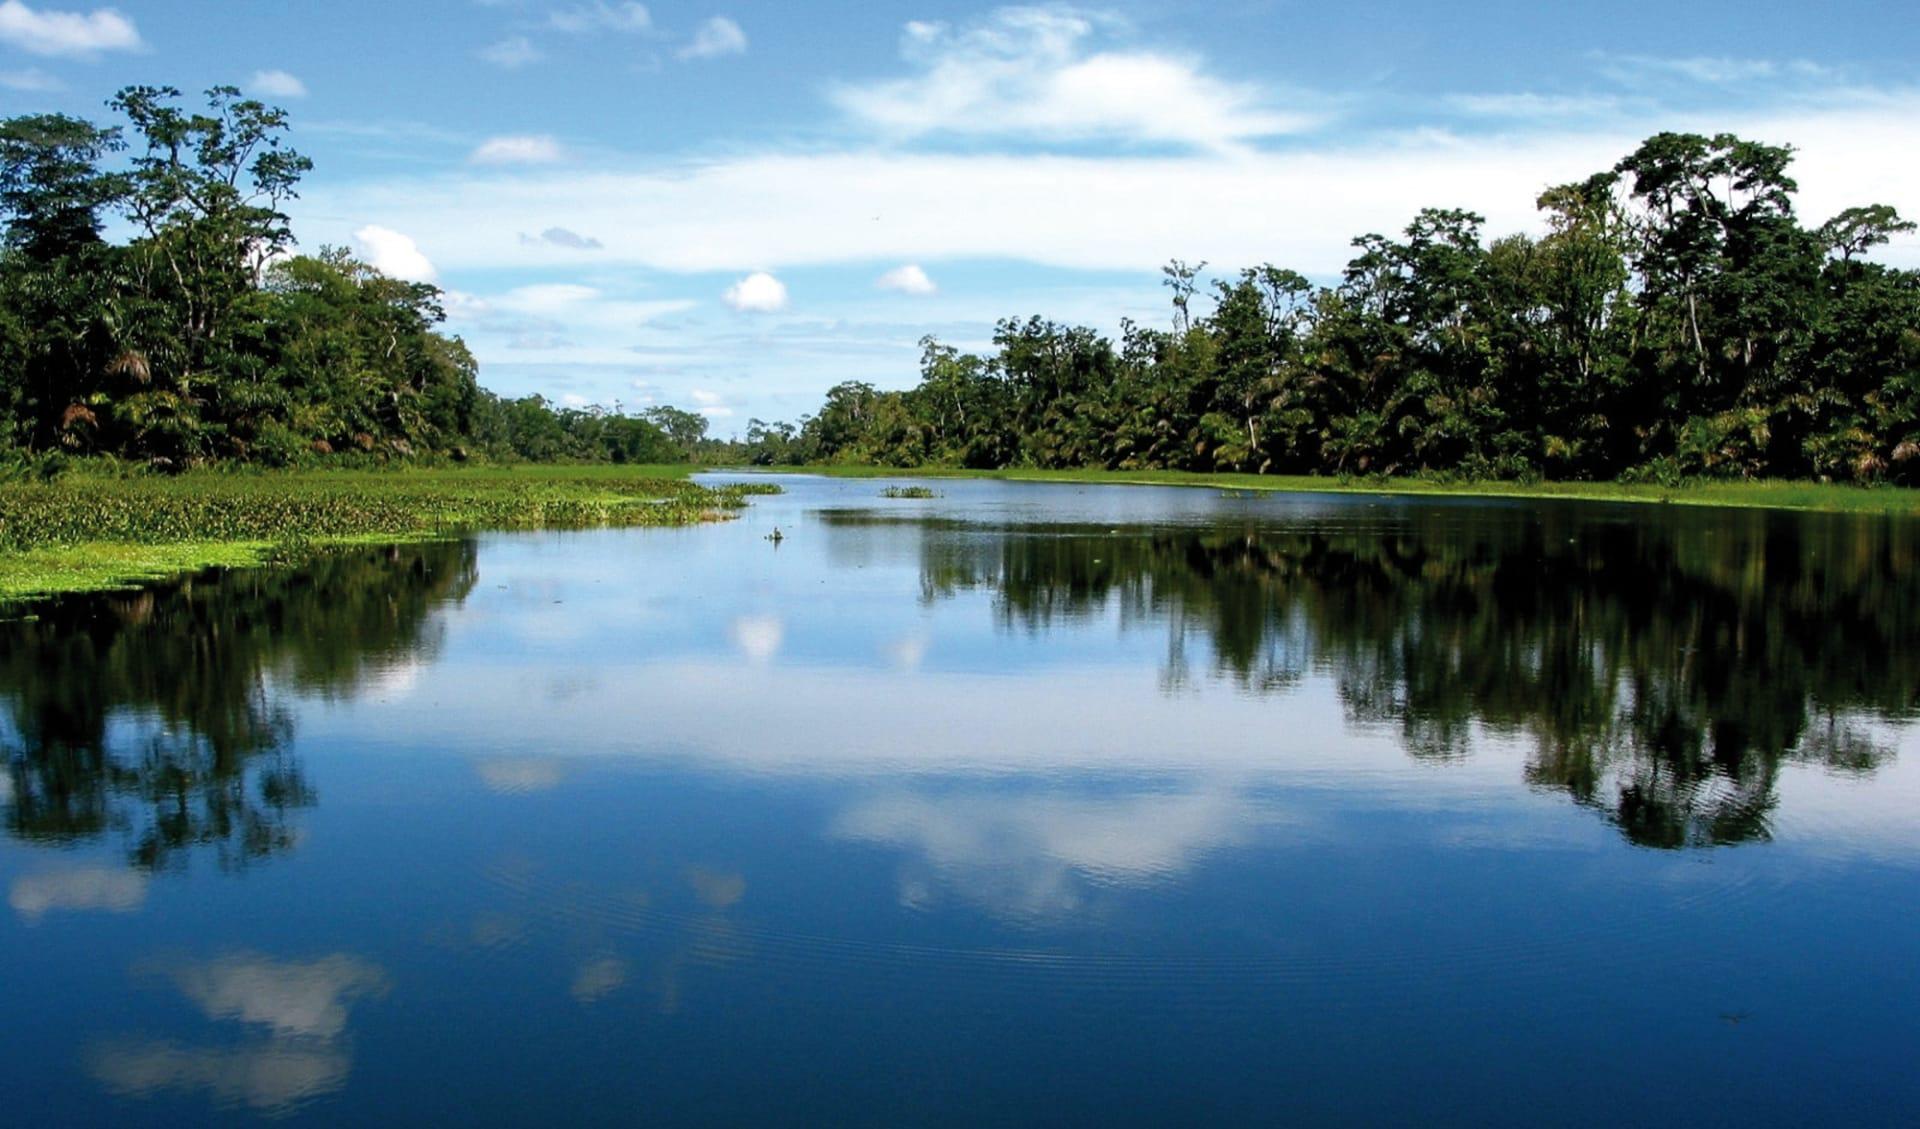 Privatreise Dschungel Deluxe ab San José City: Costa Rica - Tortuguero Nationalpark - Flussbett